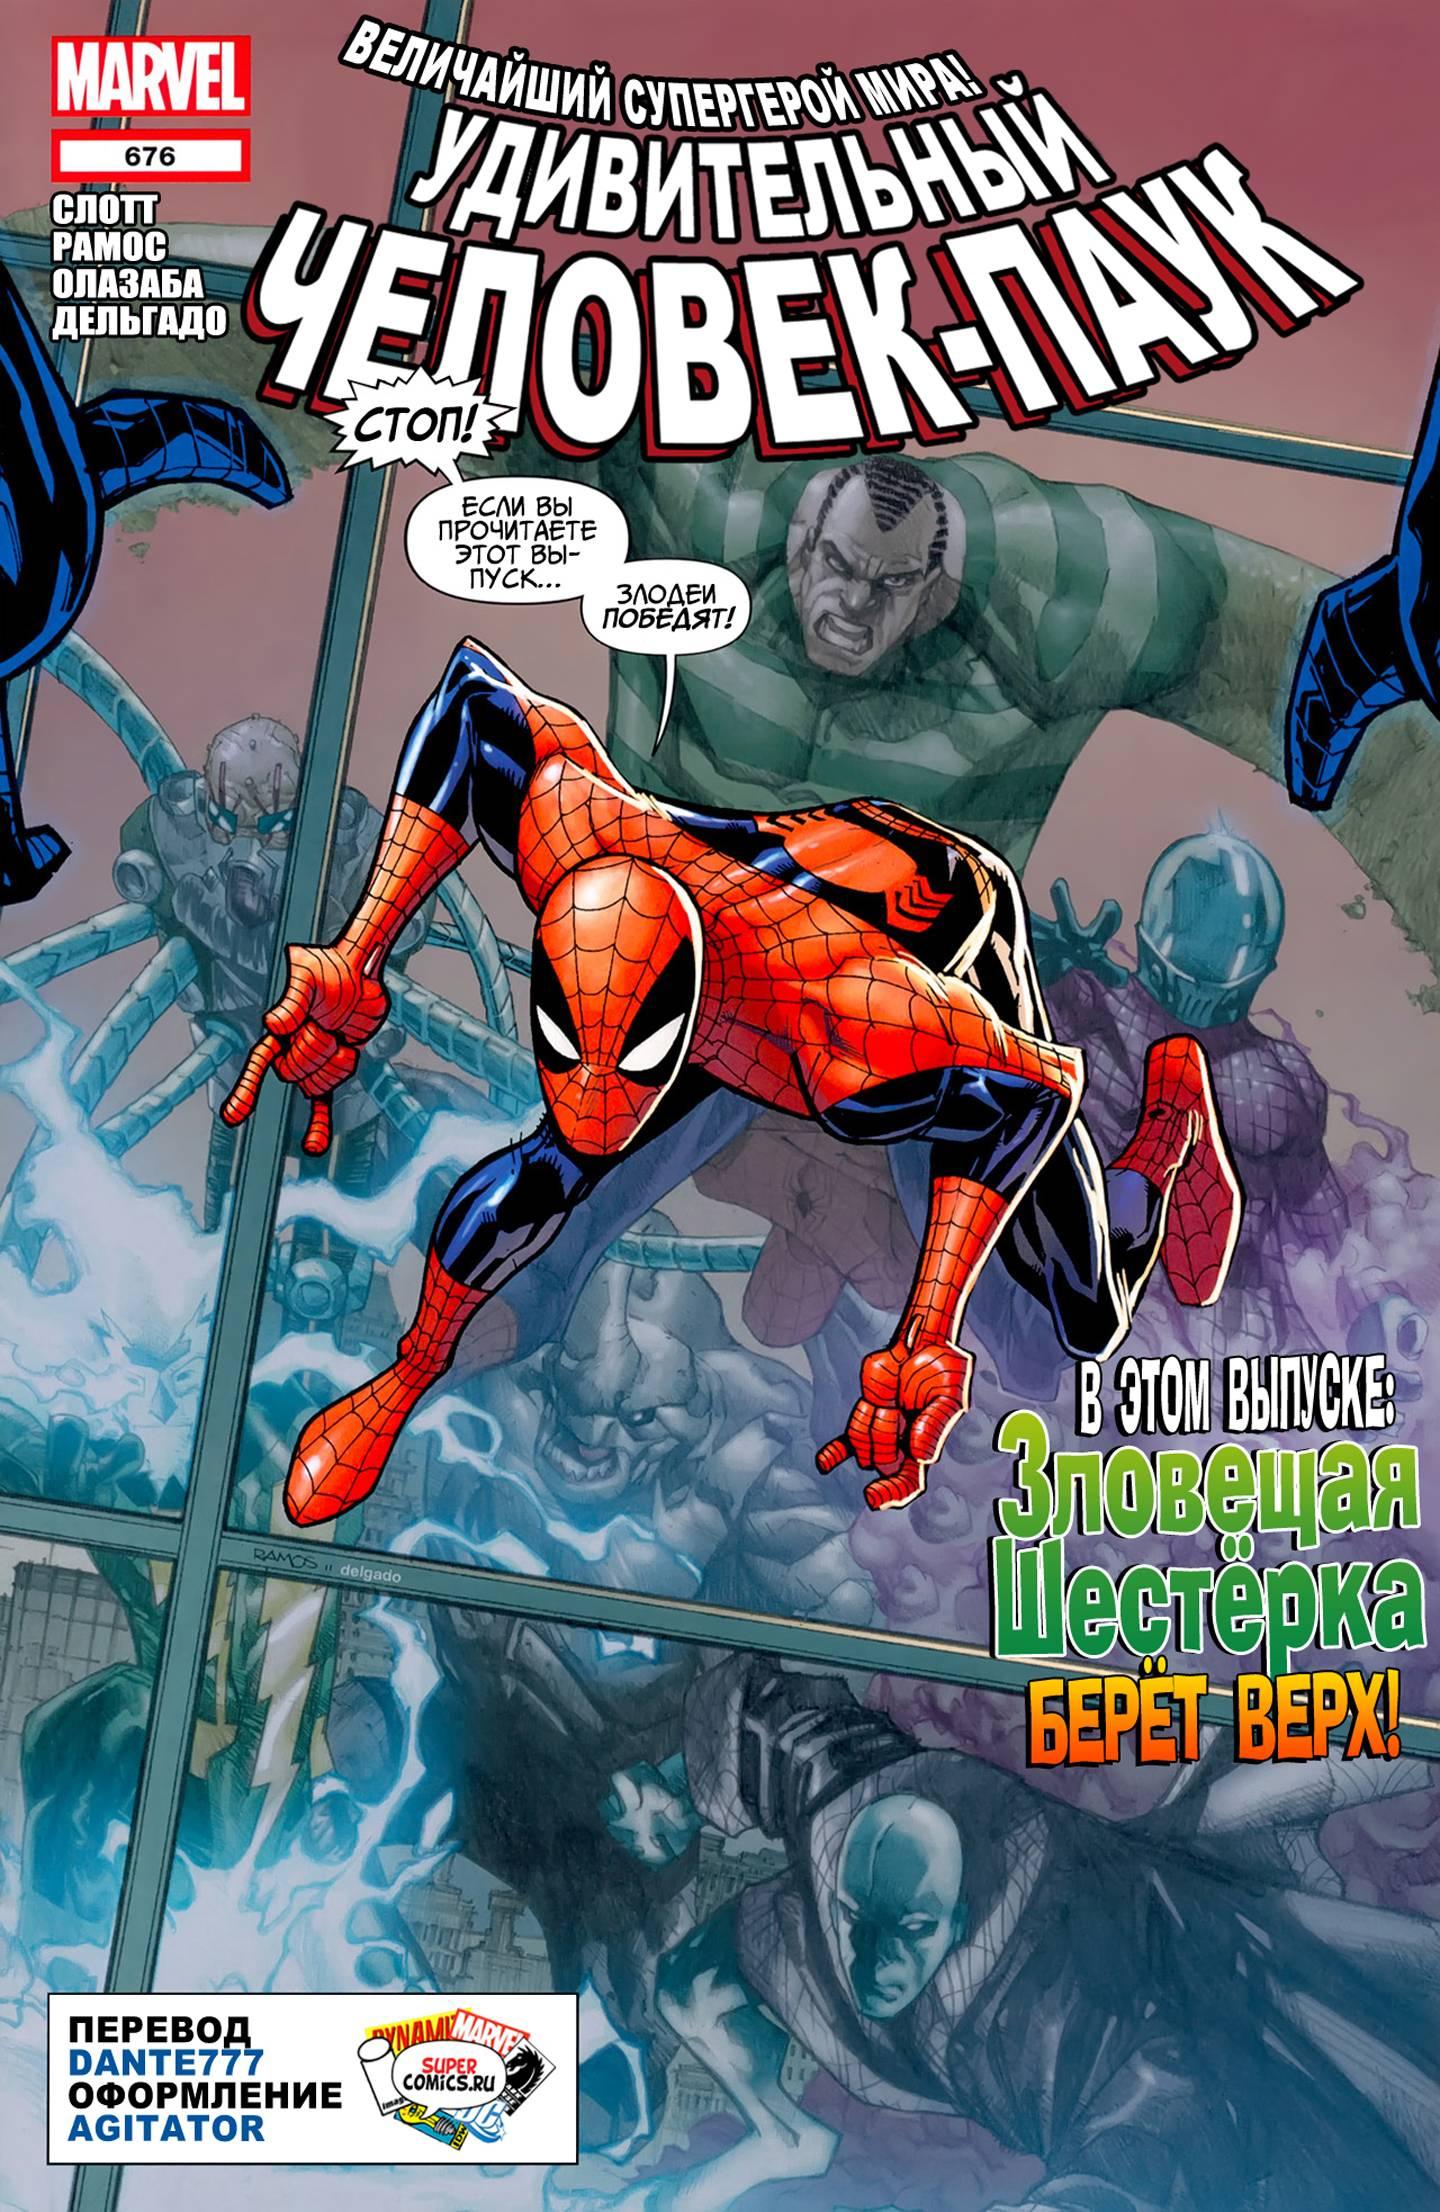 Удивительный Человек-паук №676 онлайн